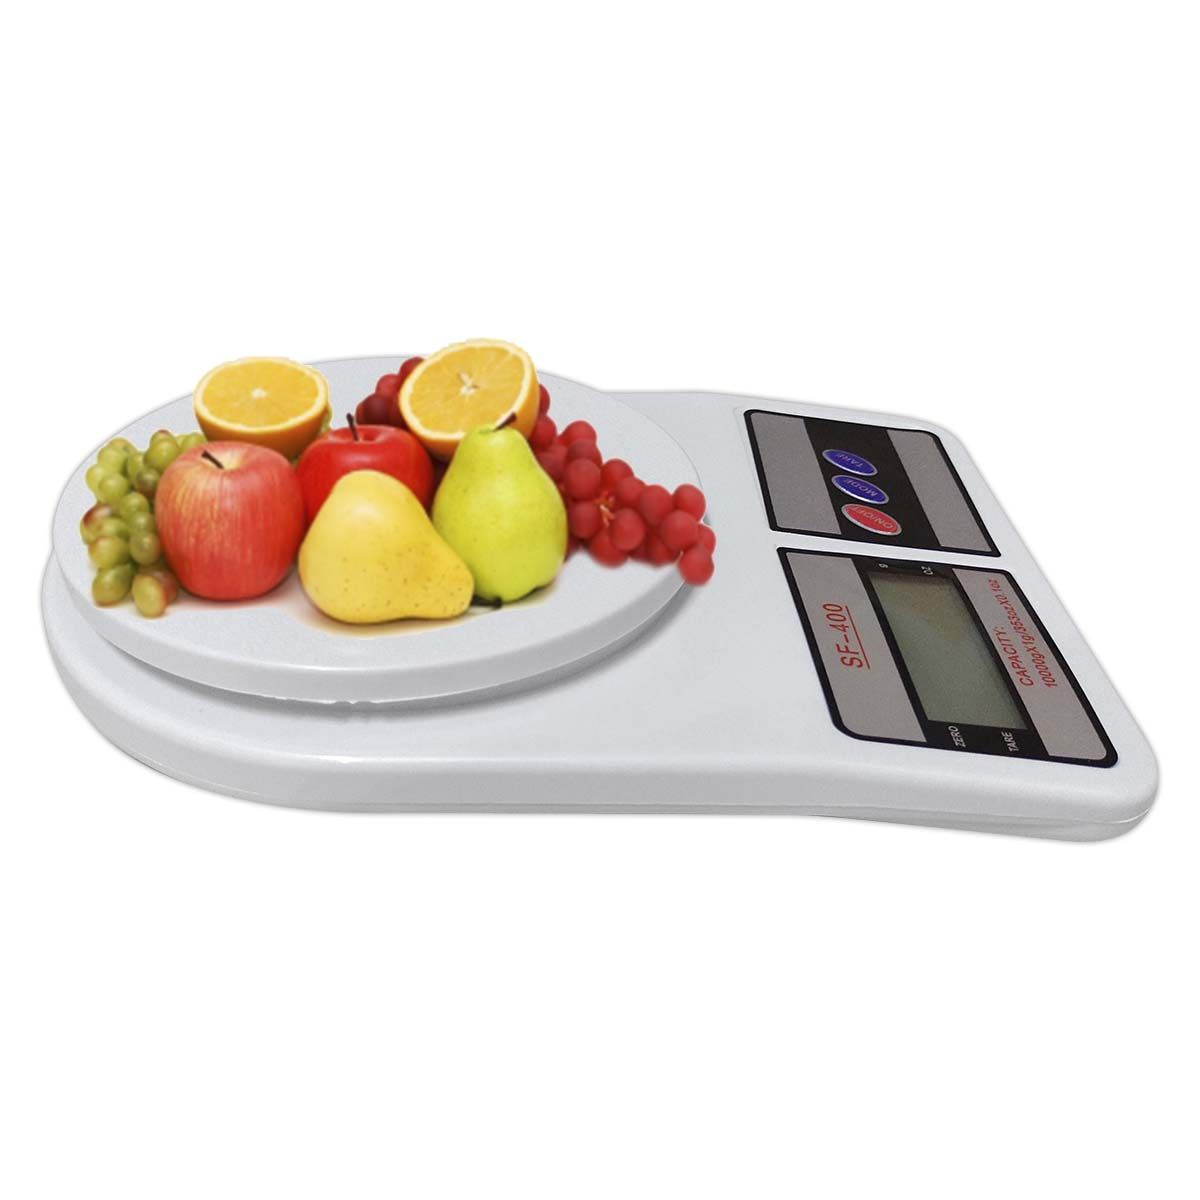 Balança De Cozinha Digital 10 Kg Precisão - Nipo Center